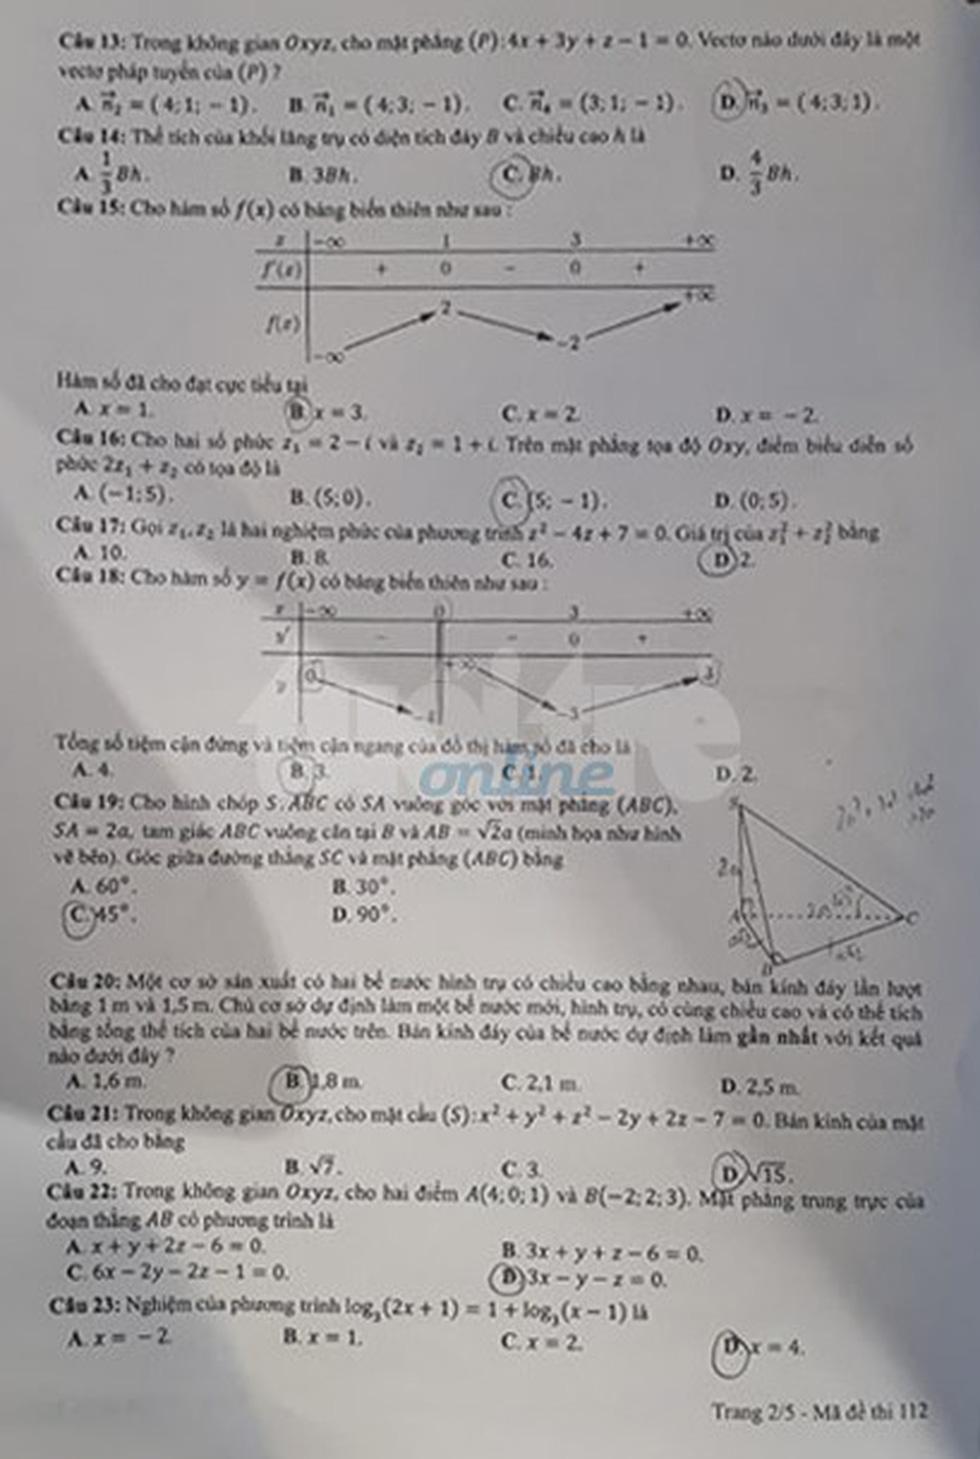 Đáp án môn toán thi THPT quốc gia 2019 - Ảnh 21.